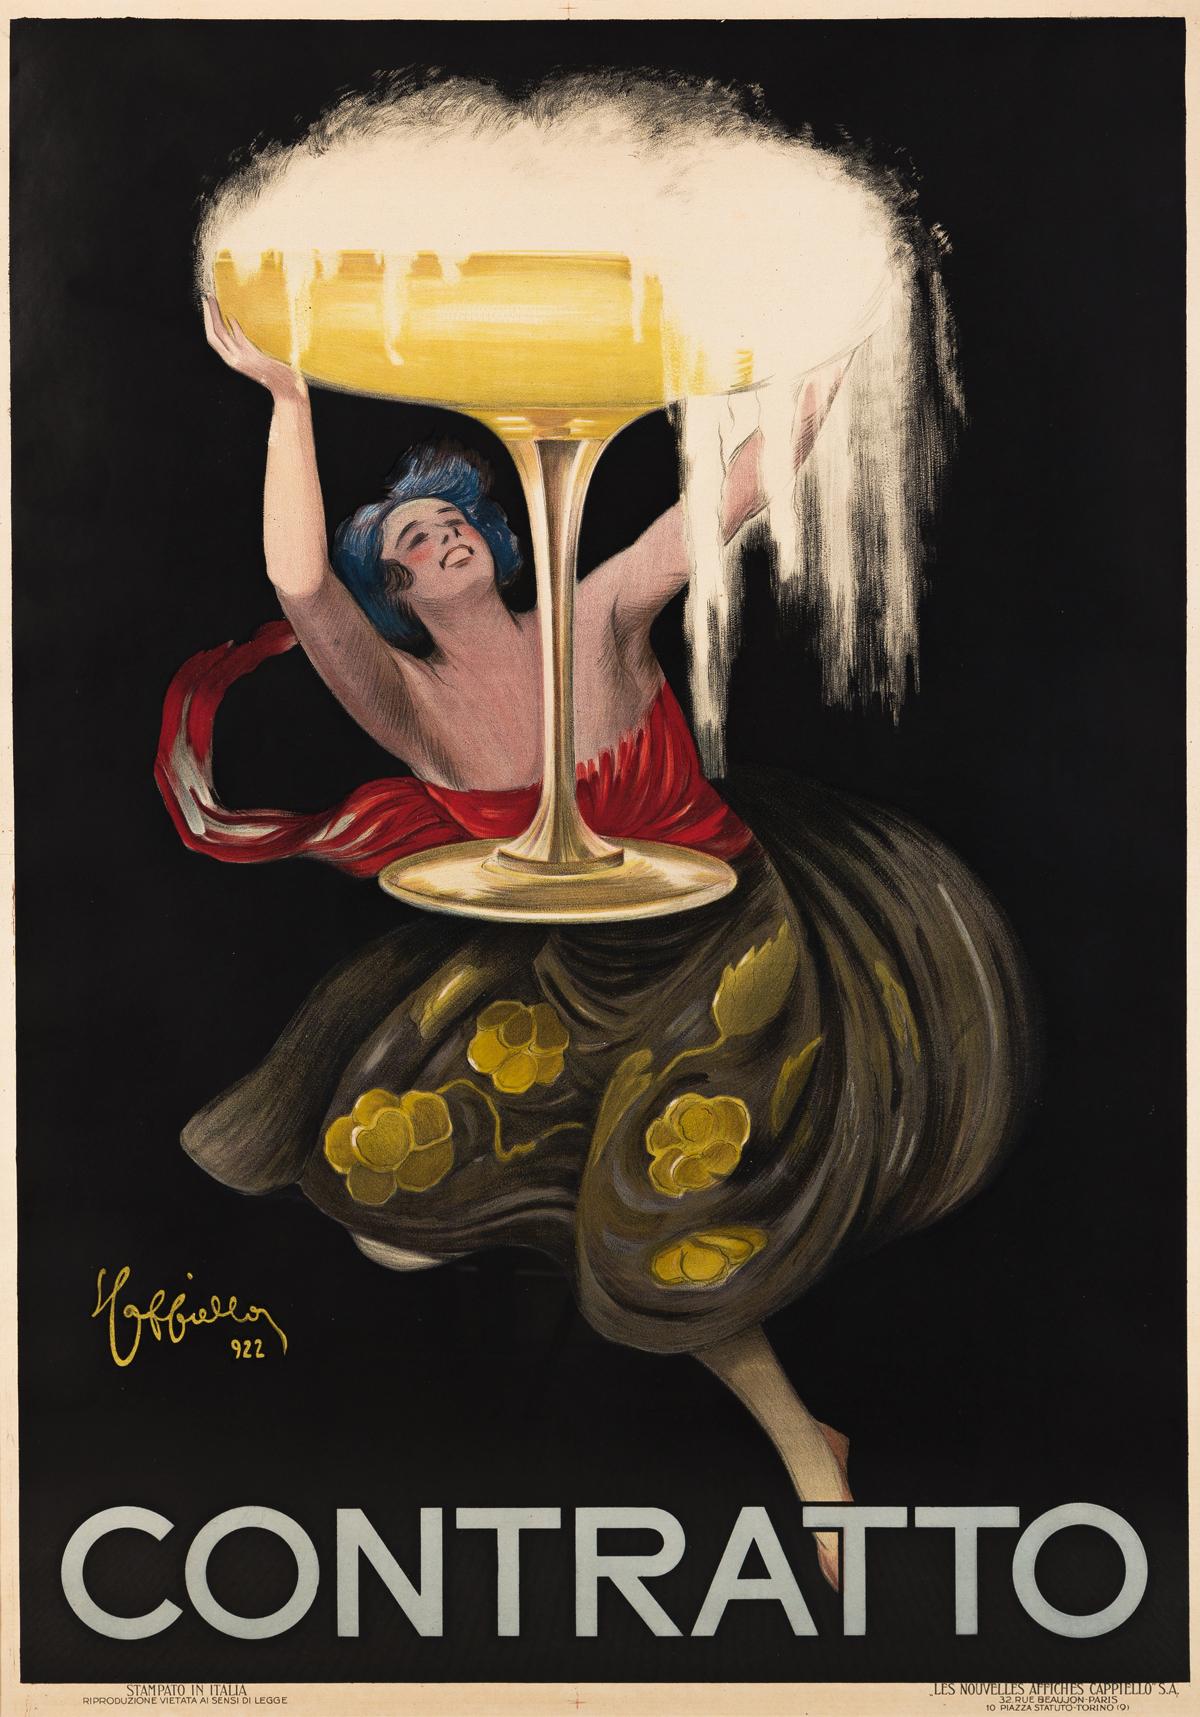 LEONETTO CAPPIELLO (1875-1942).  CONTRATTO. 1922. 54x37¾ inches, 137x96 cm. Les Nouvelles Affiches Cappiello, Torino.